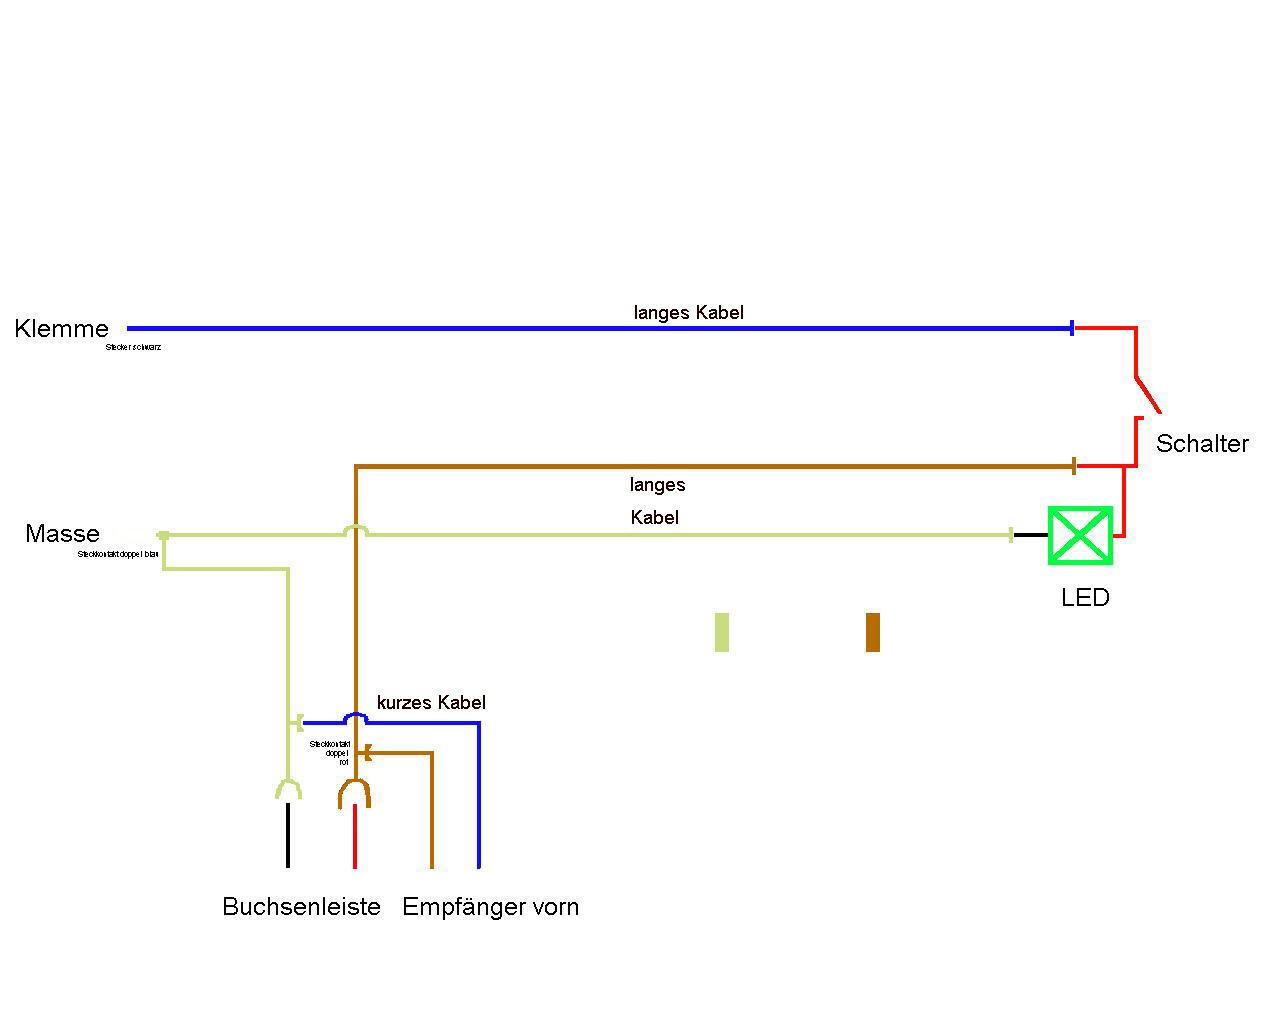 Atemberaubend Schaltplan Für 3 Wege Lichtschalter Ideen ...